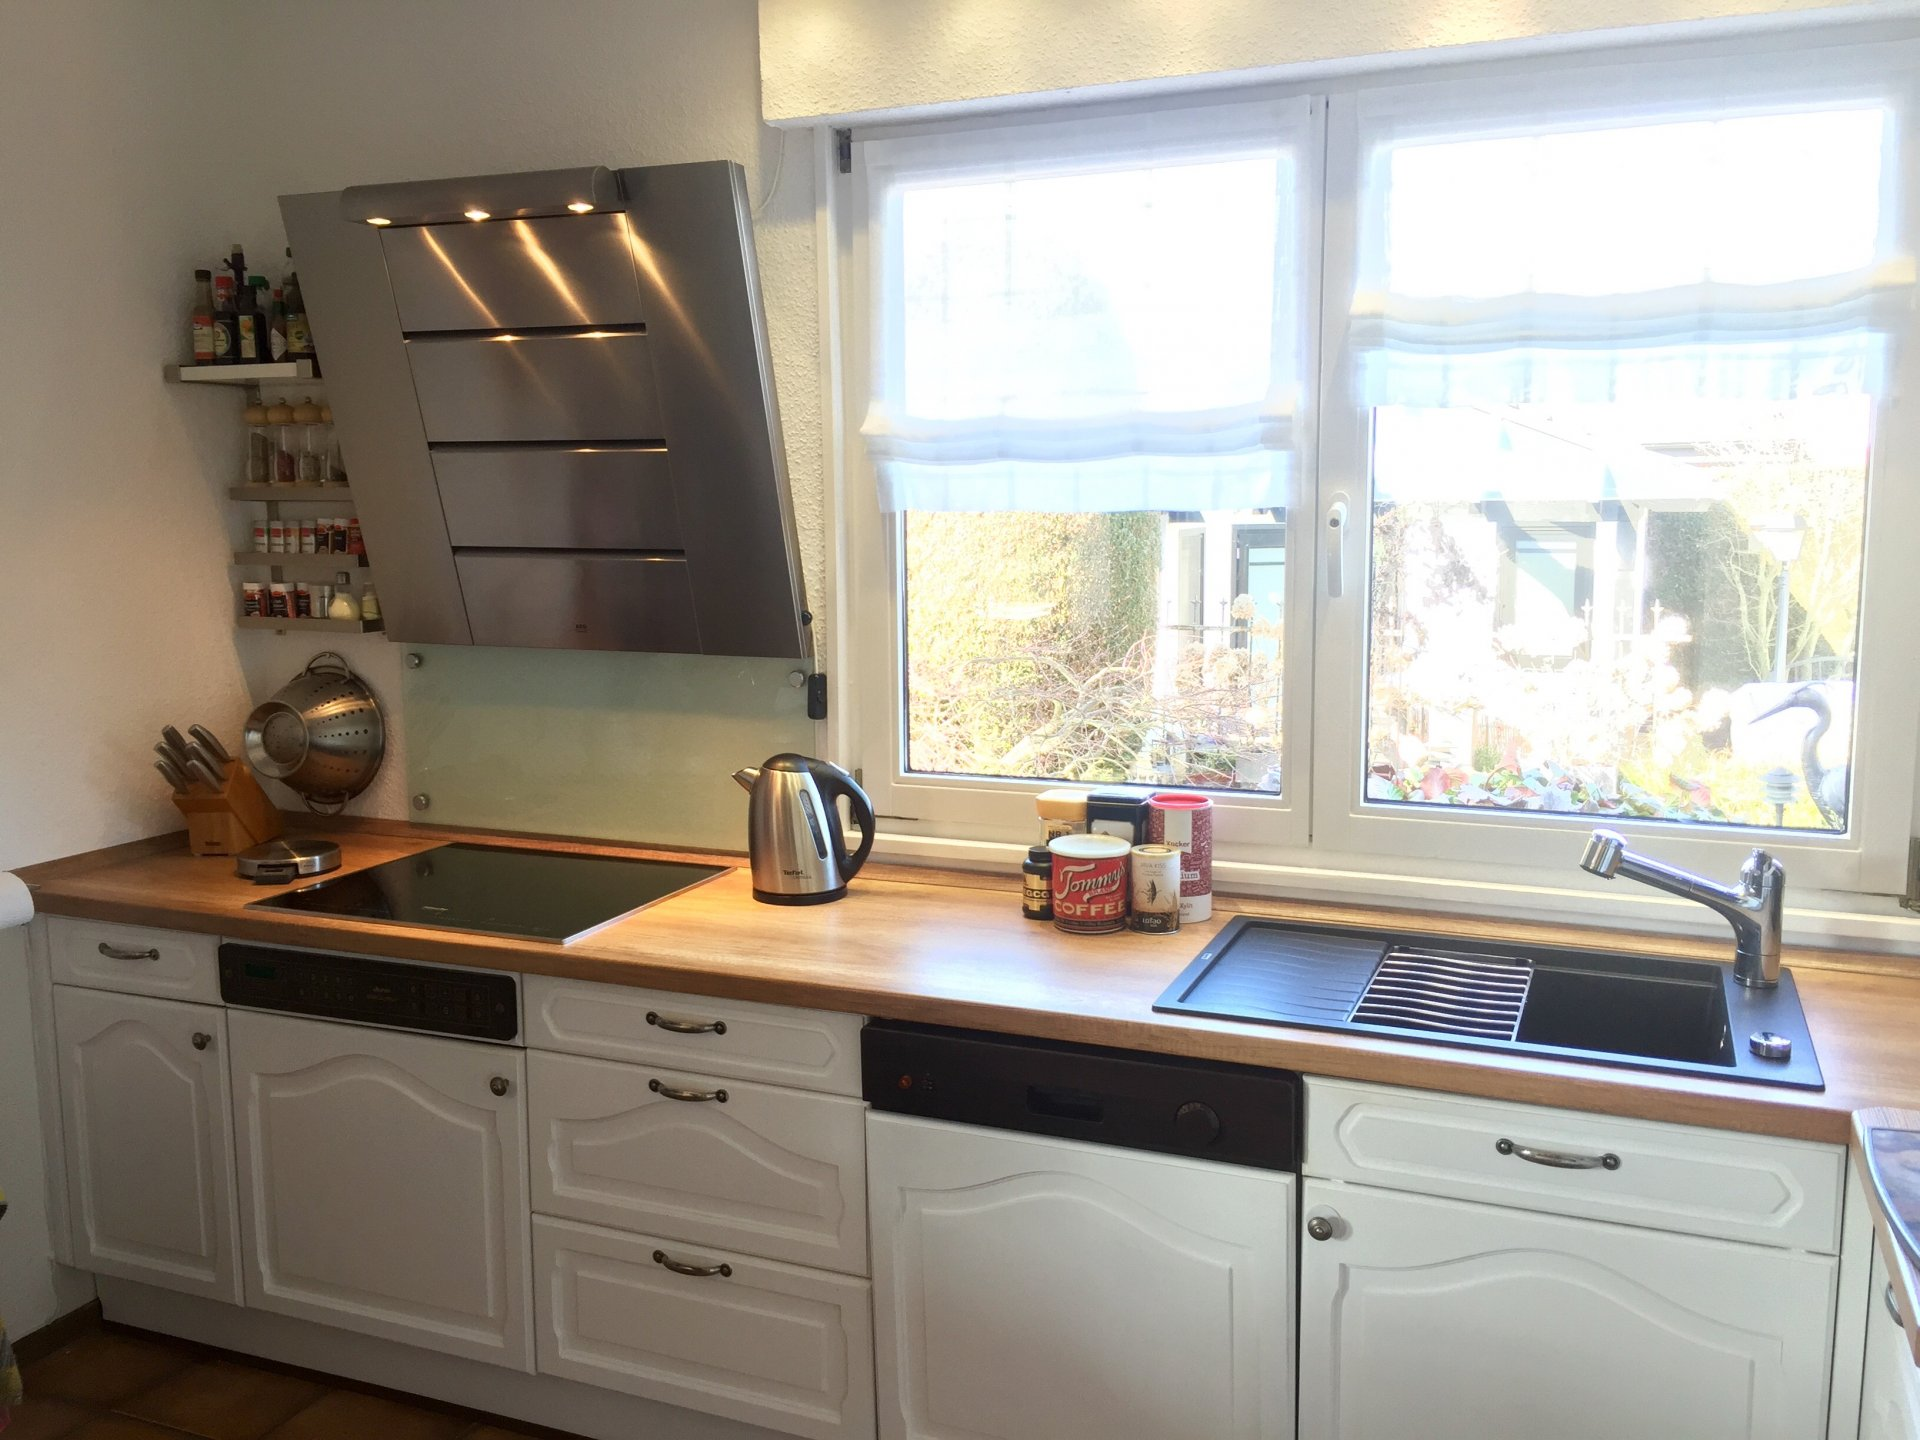 Atemberaubend Können Sie Nur Schrank Küchentüren ändern Bilder ...